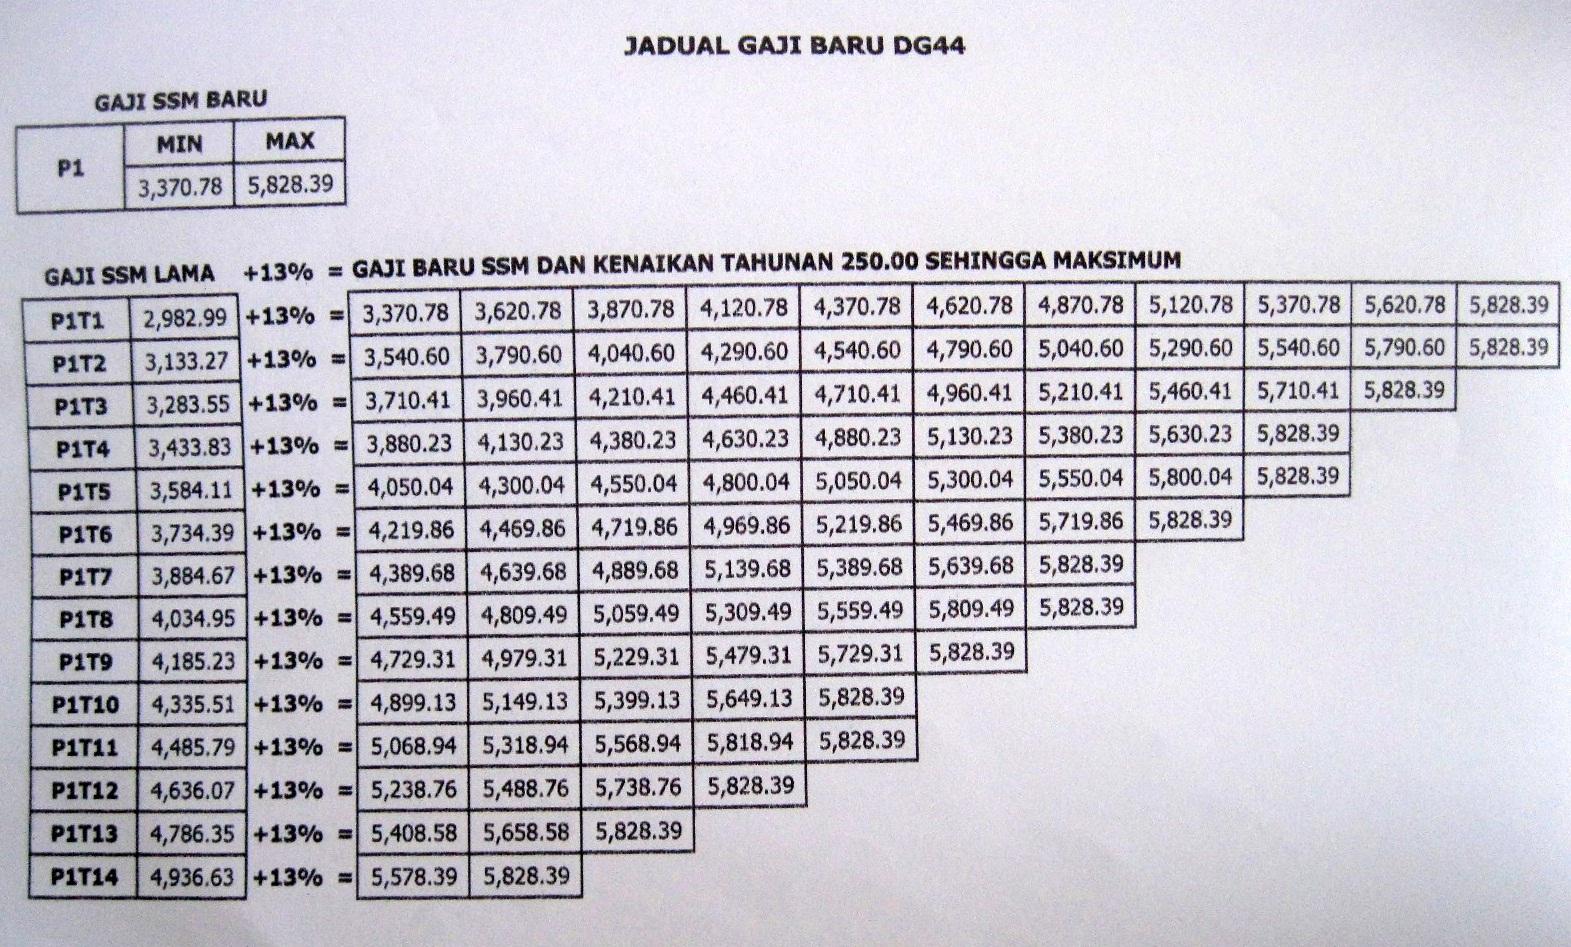 Tangga Gaji Guru Gred DG41, DG44, DG48, DG52